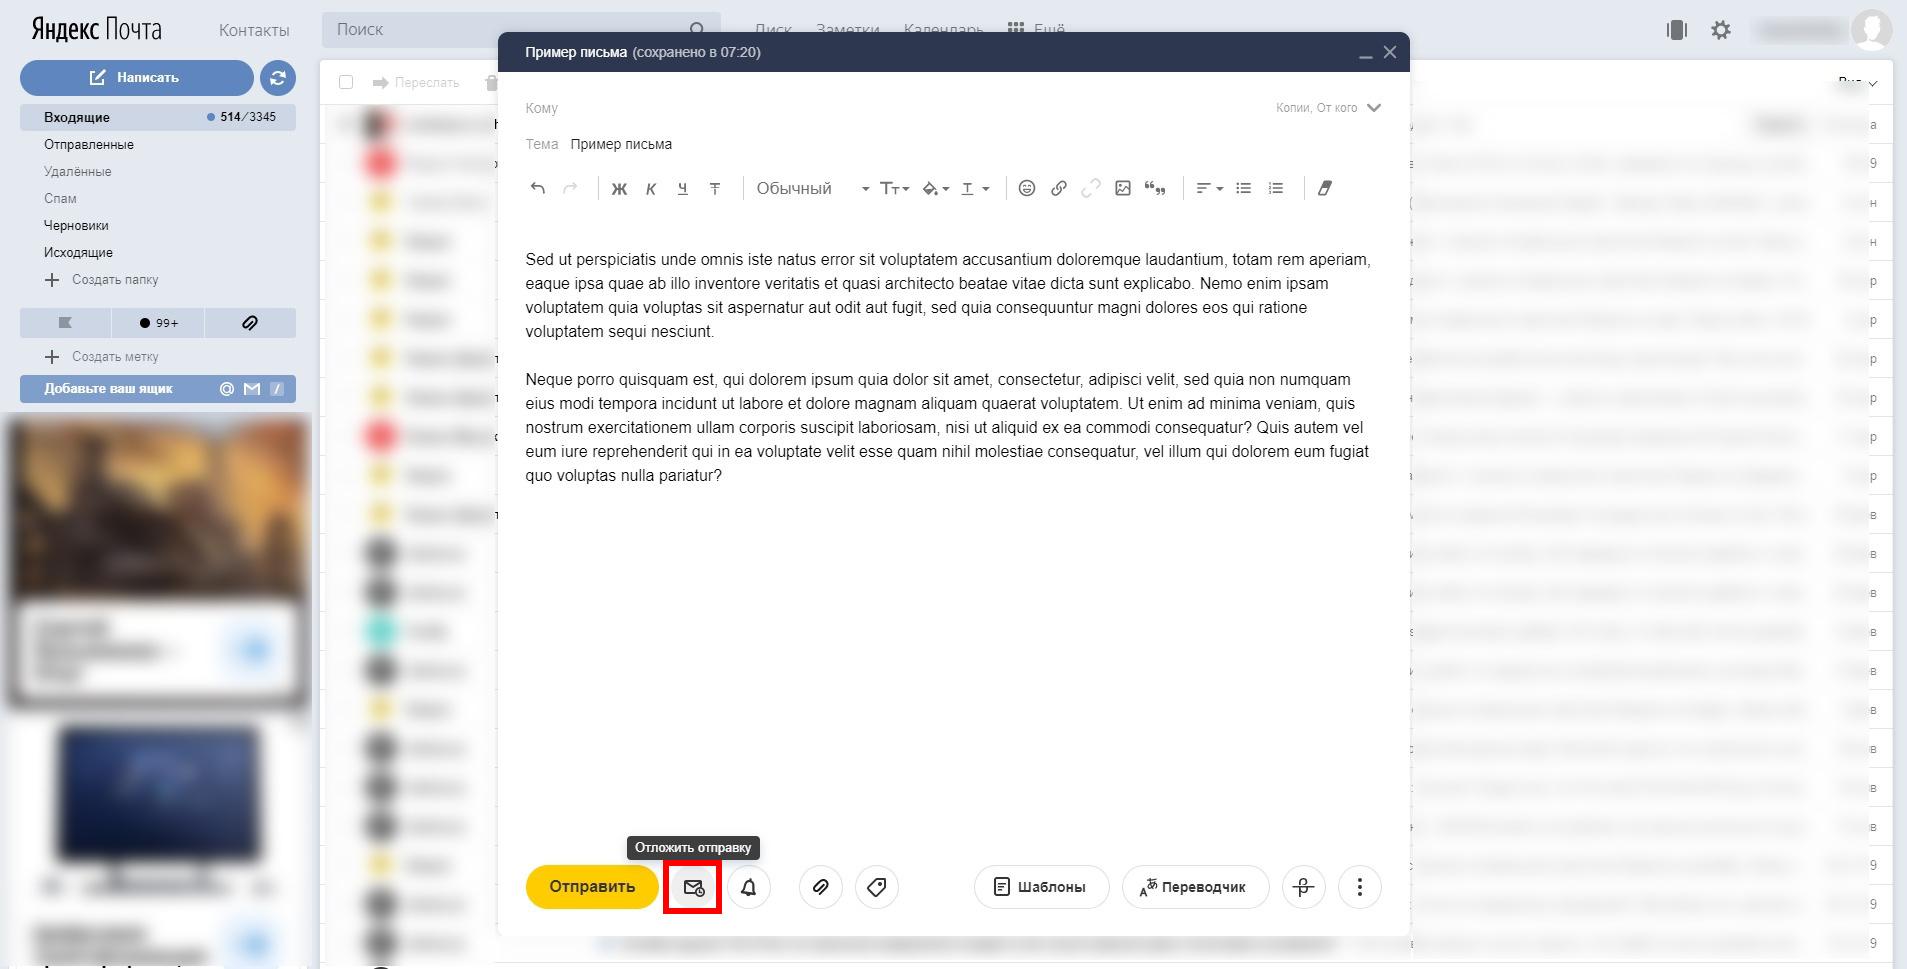 Иконка в виде конверта поможет запланировать письмо